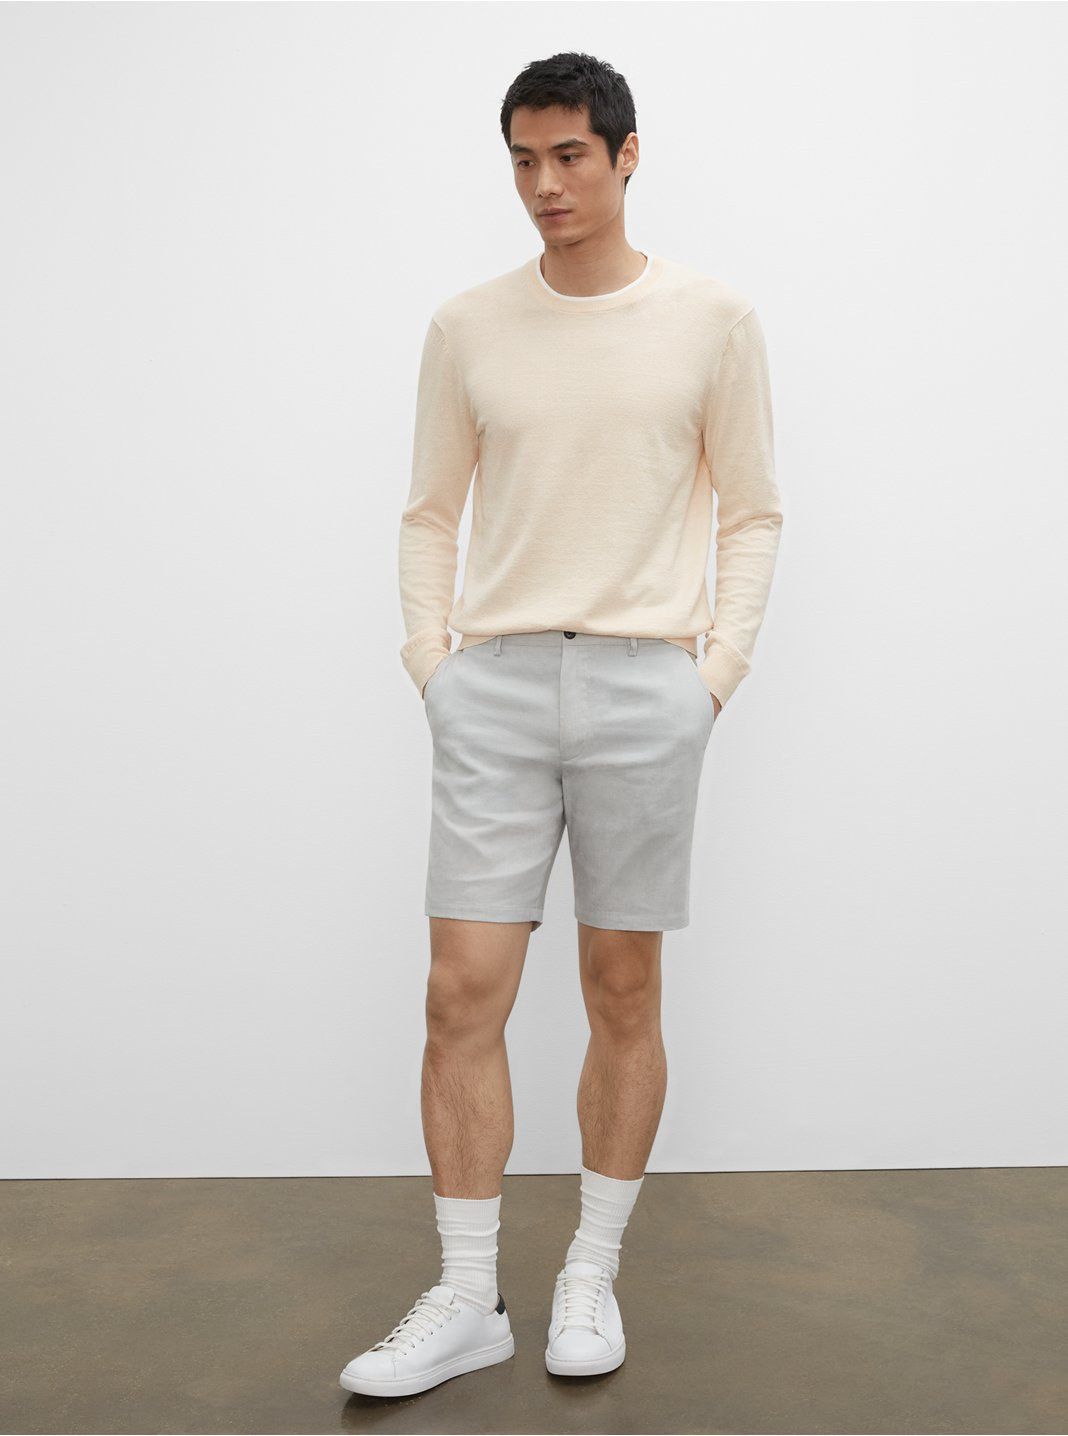 Shorts en lin Maddox 23cm (9po)